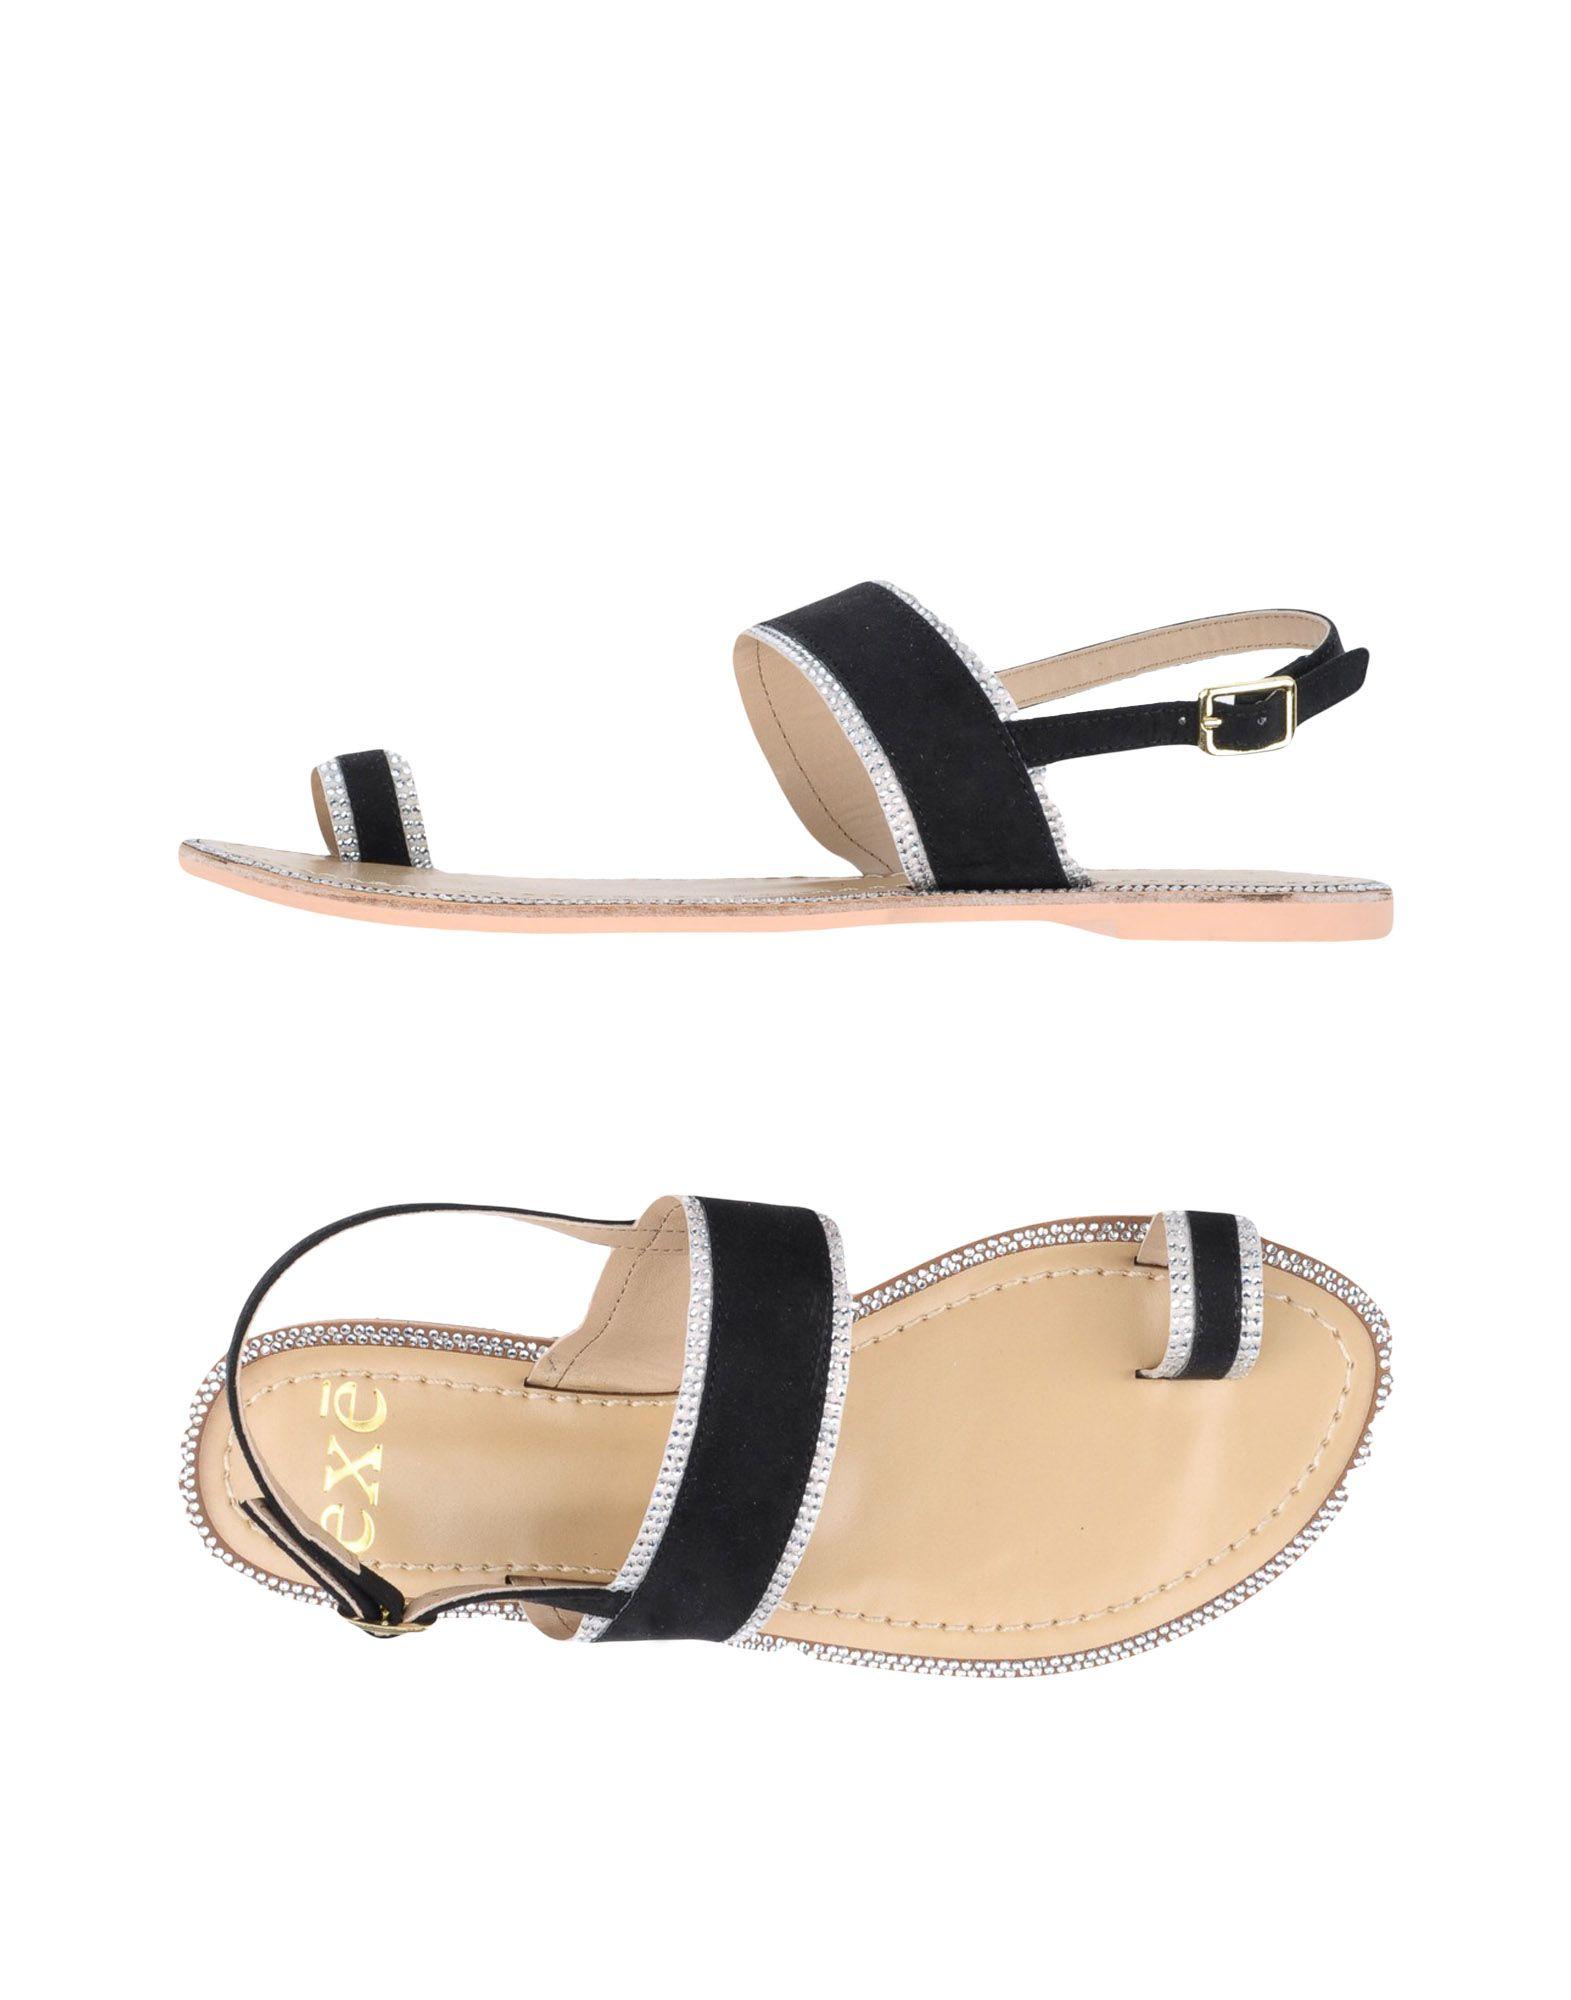 Exé By Tsakiris Mallas Dianetten Damen  11300947RJ Gute Qualität beliebte Schuhe